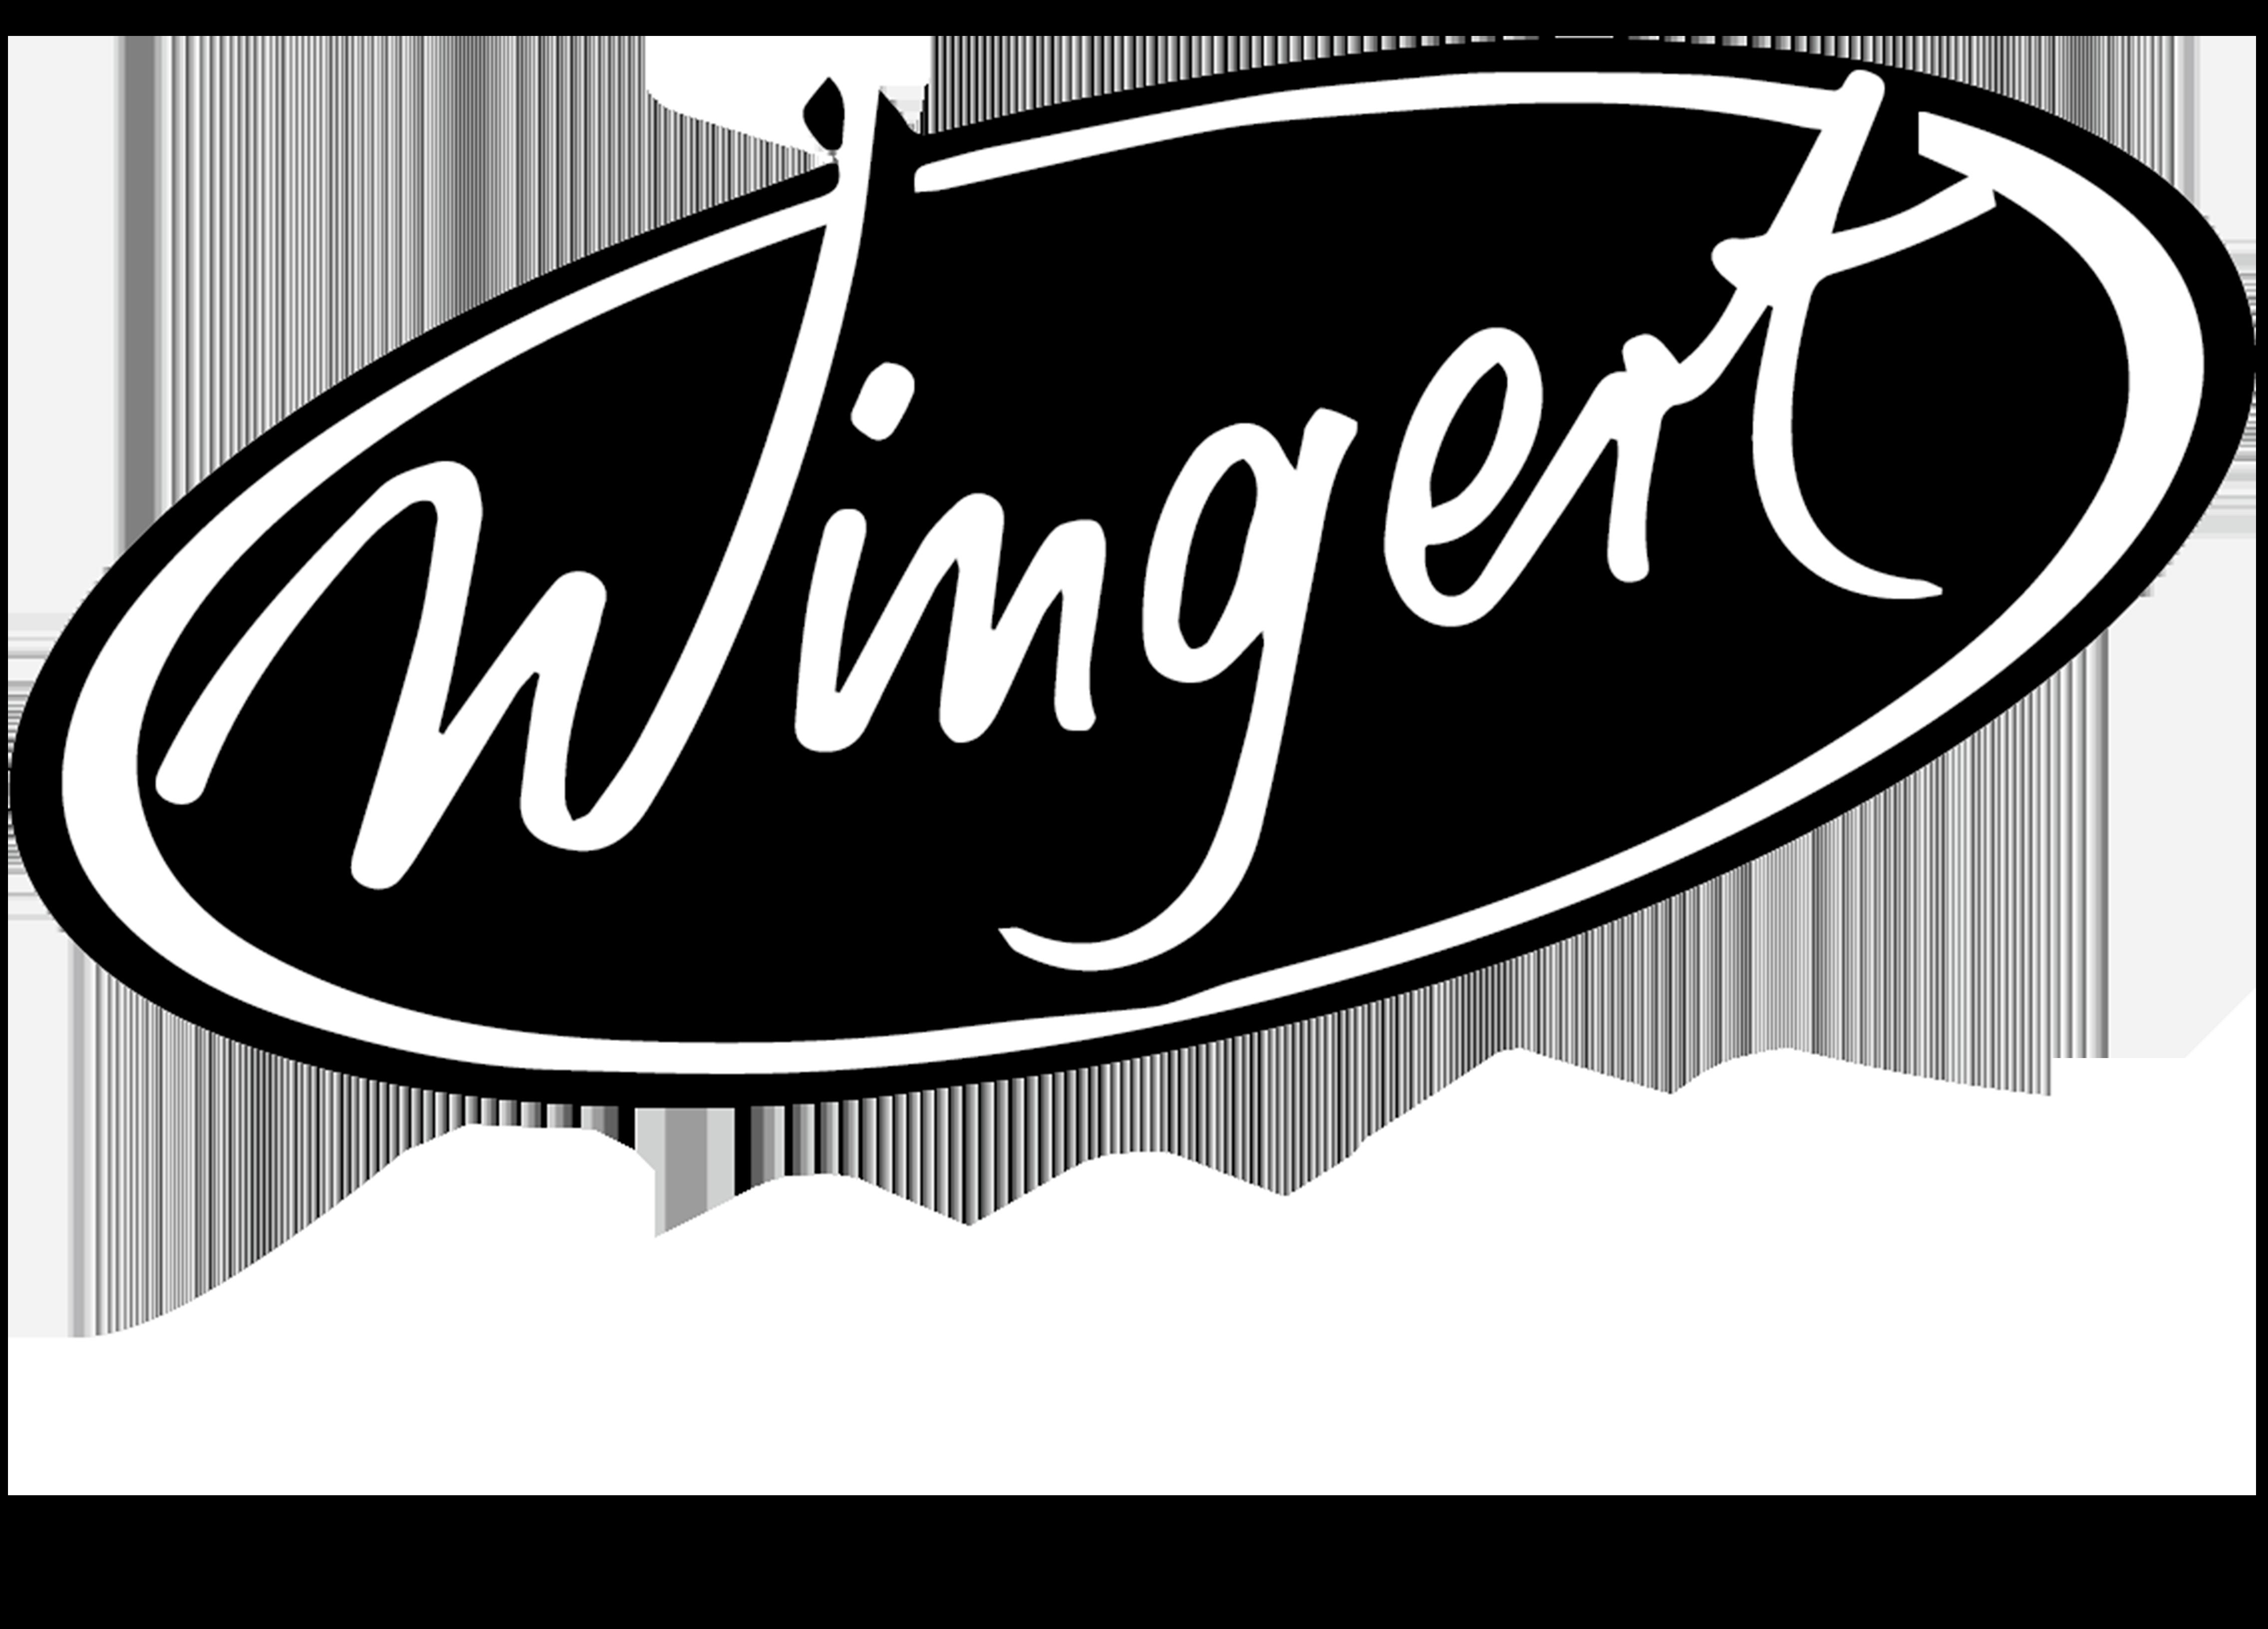 Wingert Foods GmbH